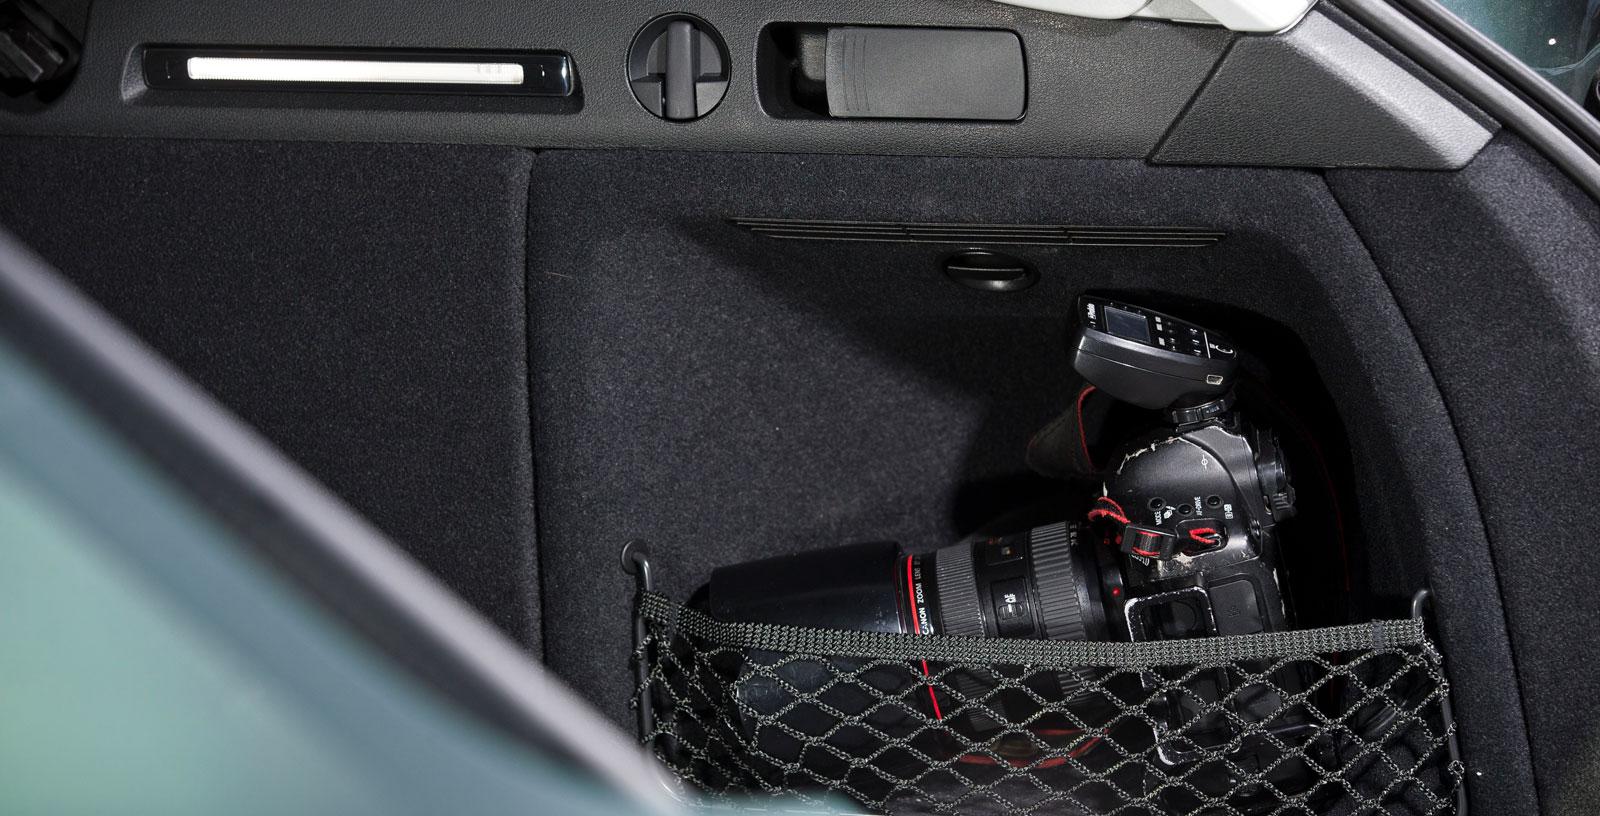 De små, avskiljda förvaringsutrymmena bakom hjulhusen är bra för lösa föremål som slipper fara runt i bagageutrymmet.